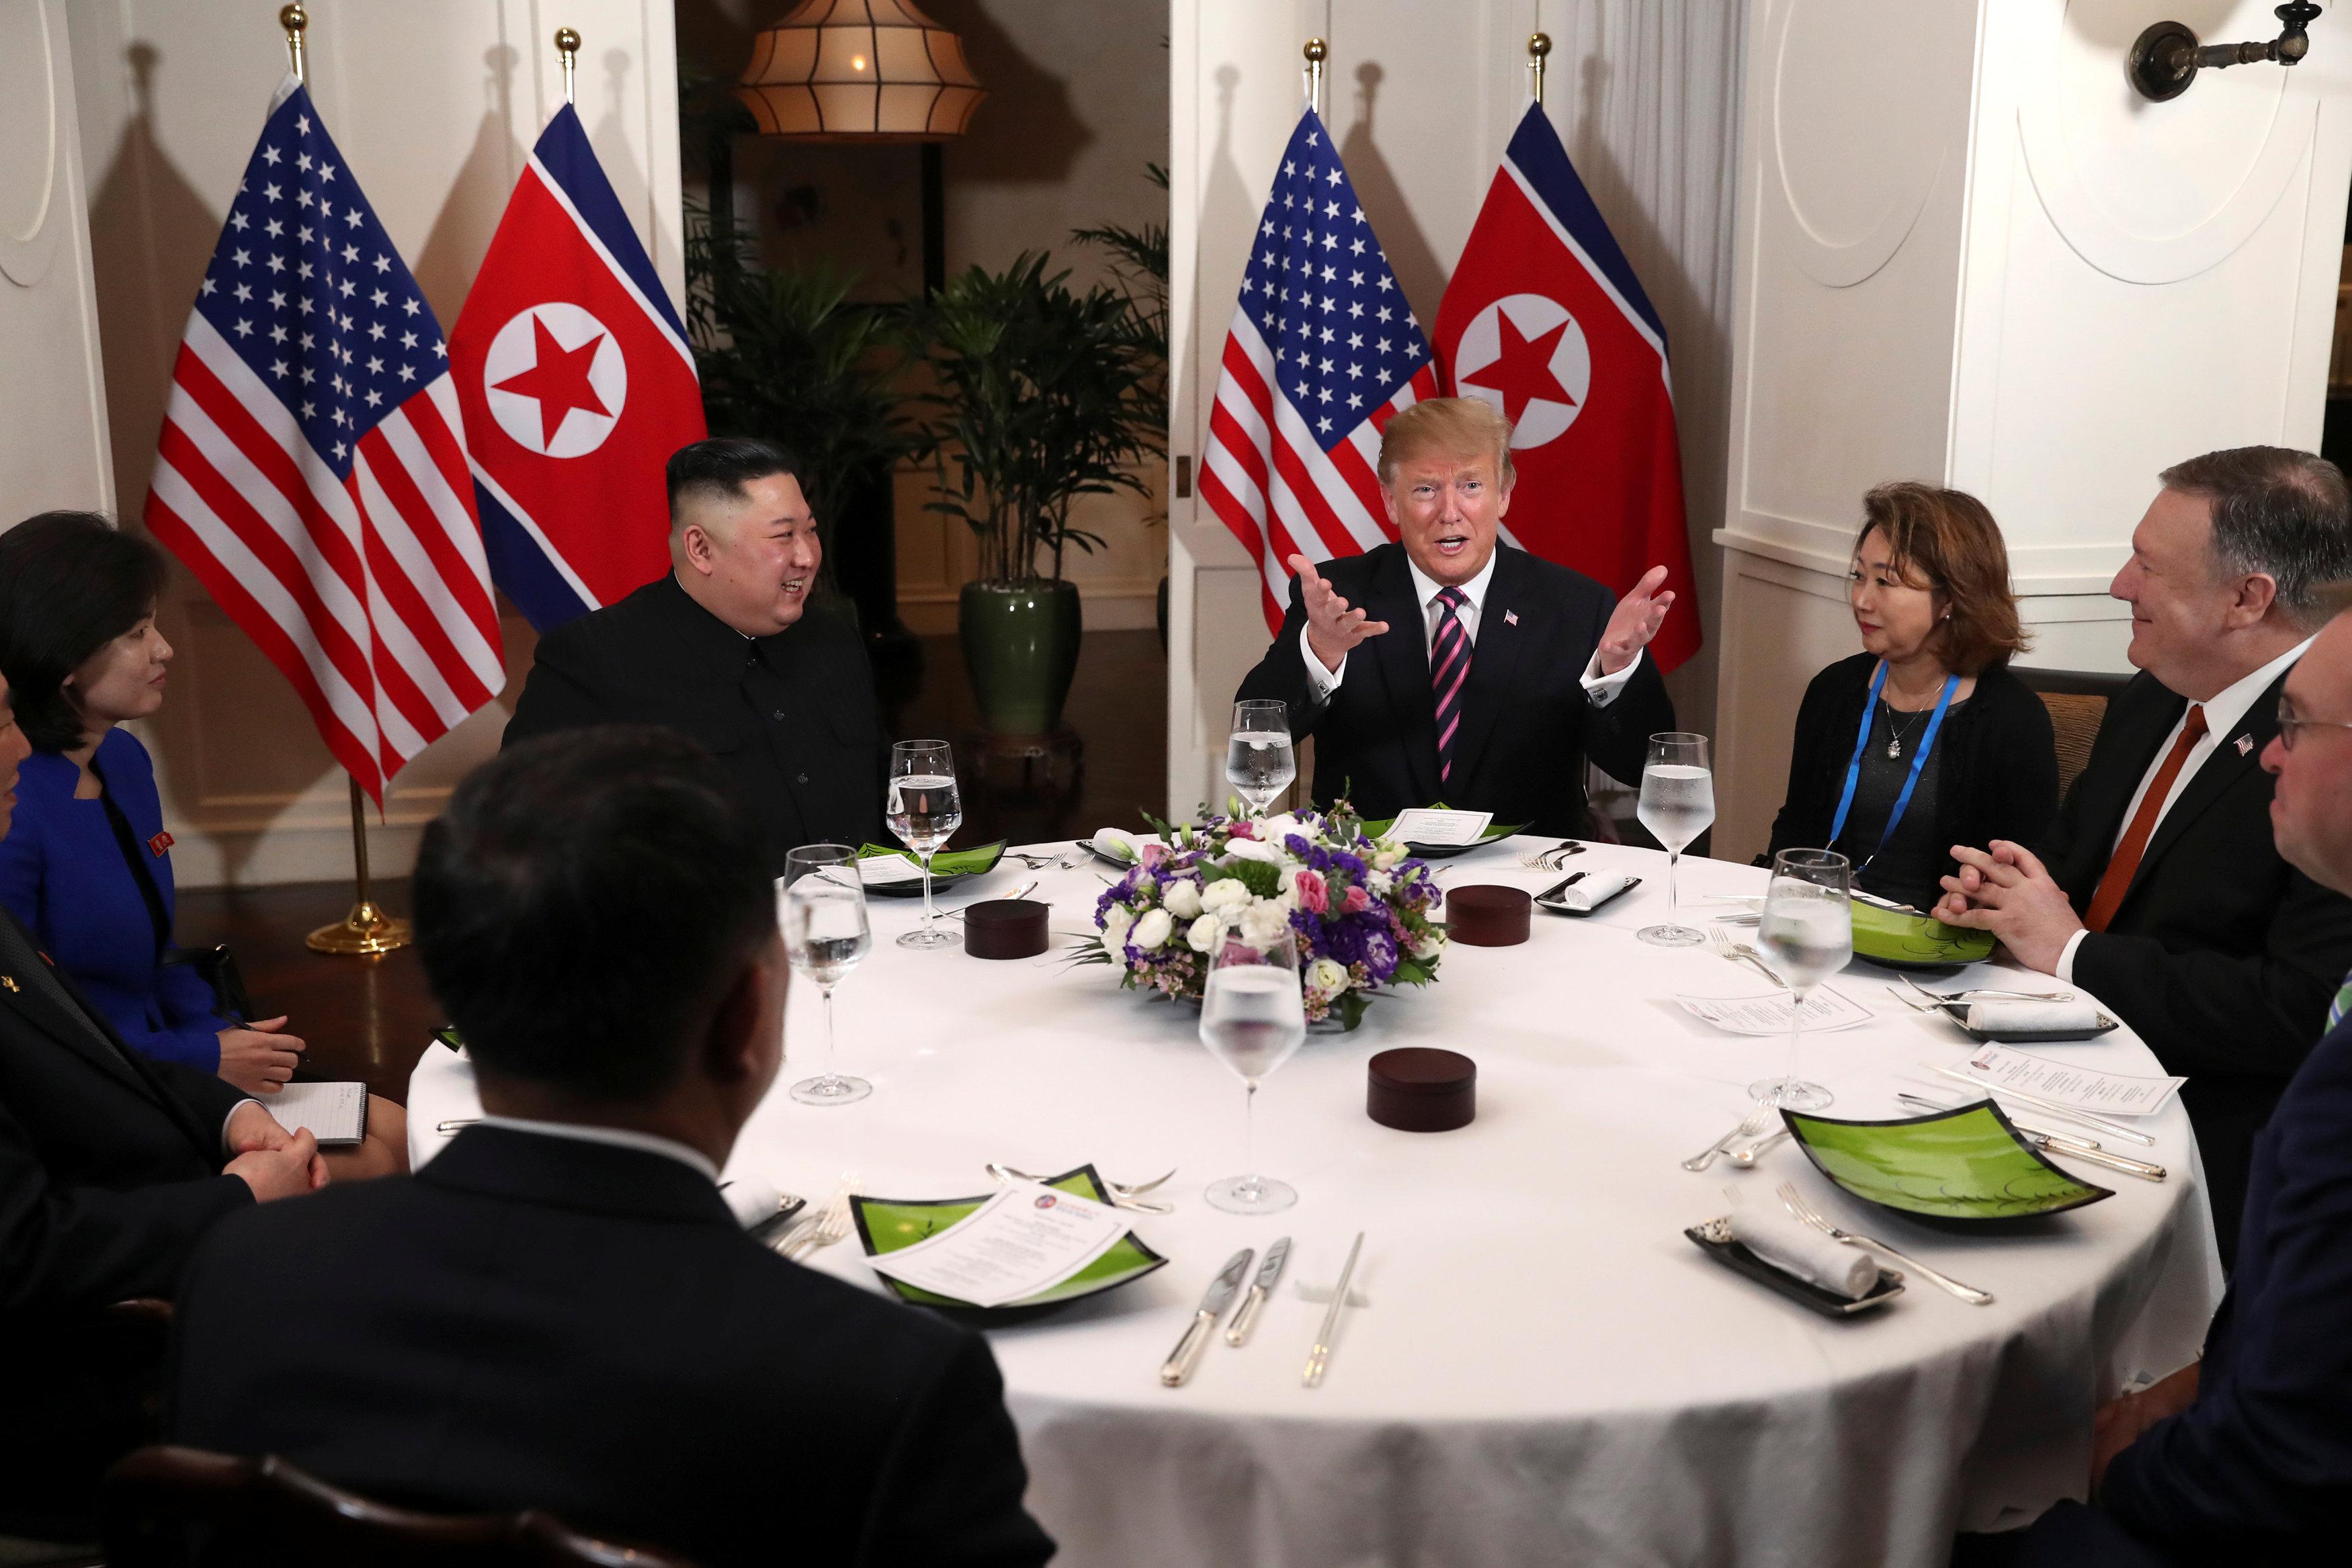 الرئيس الأمريكى يتحدث وسط ابتسامات الحضور